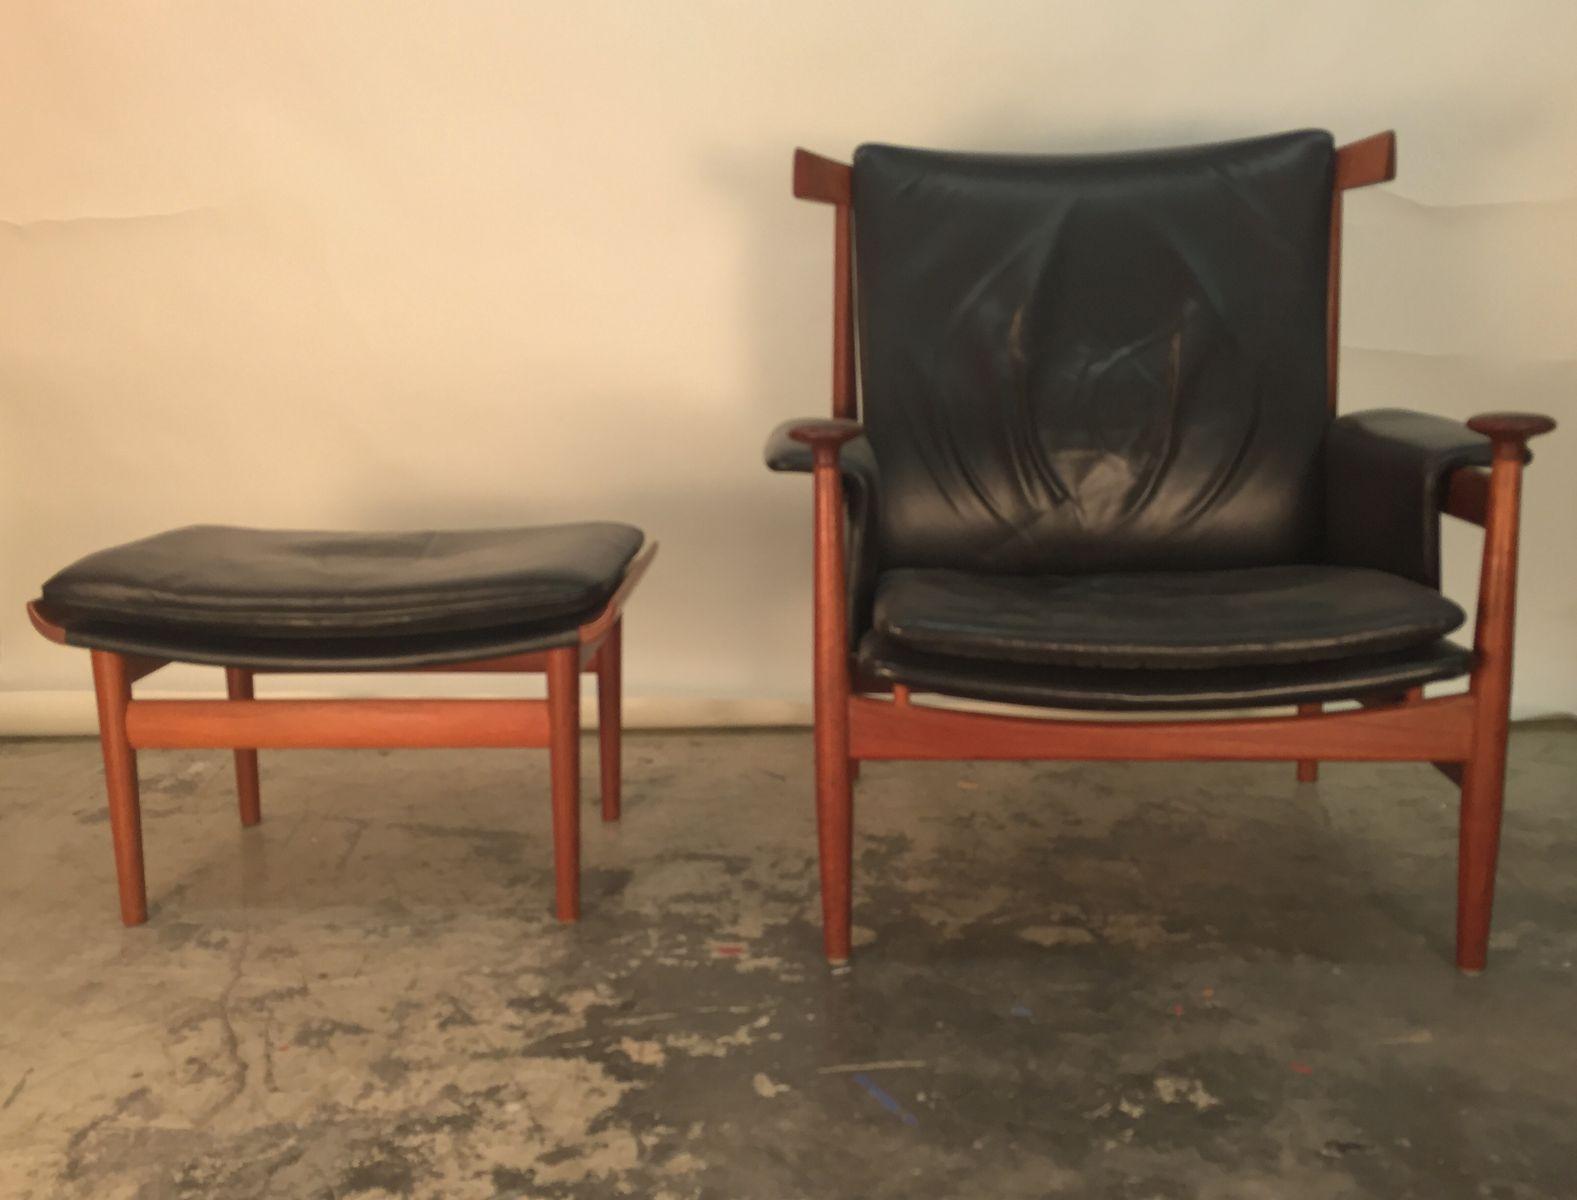 d nischer bwana stuhl mit ottomane von finn juhl f r. Black Bedroom Furniture Sets. Home Design Ideas